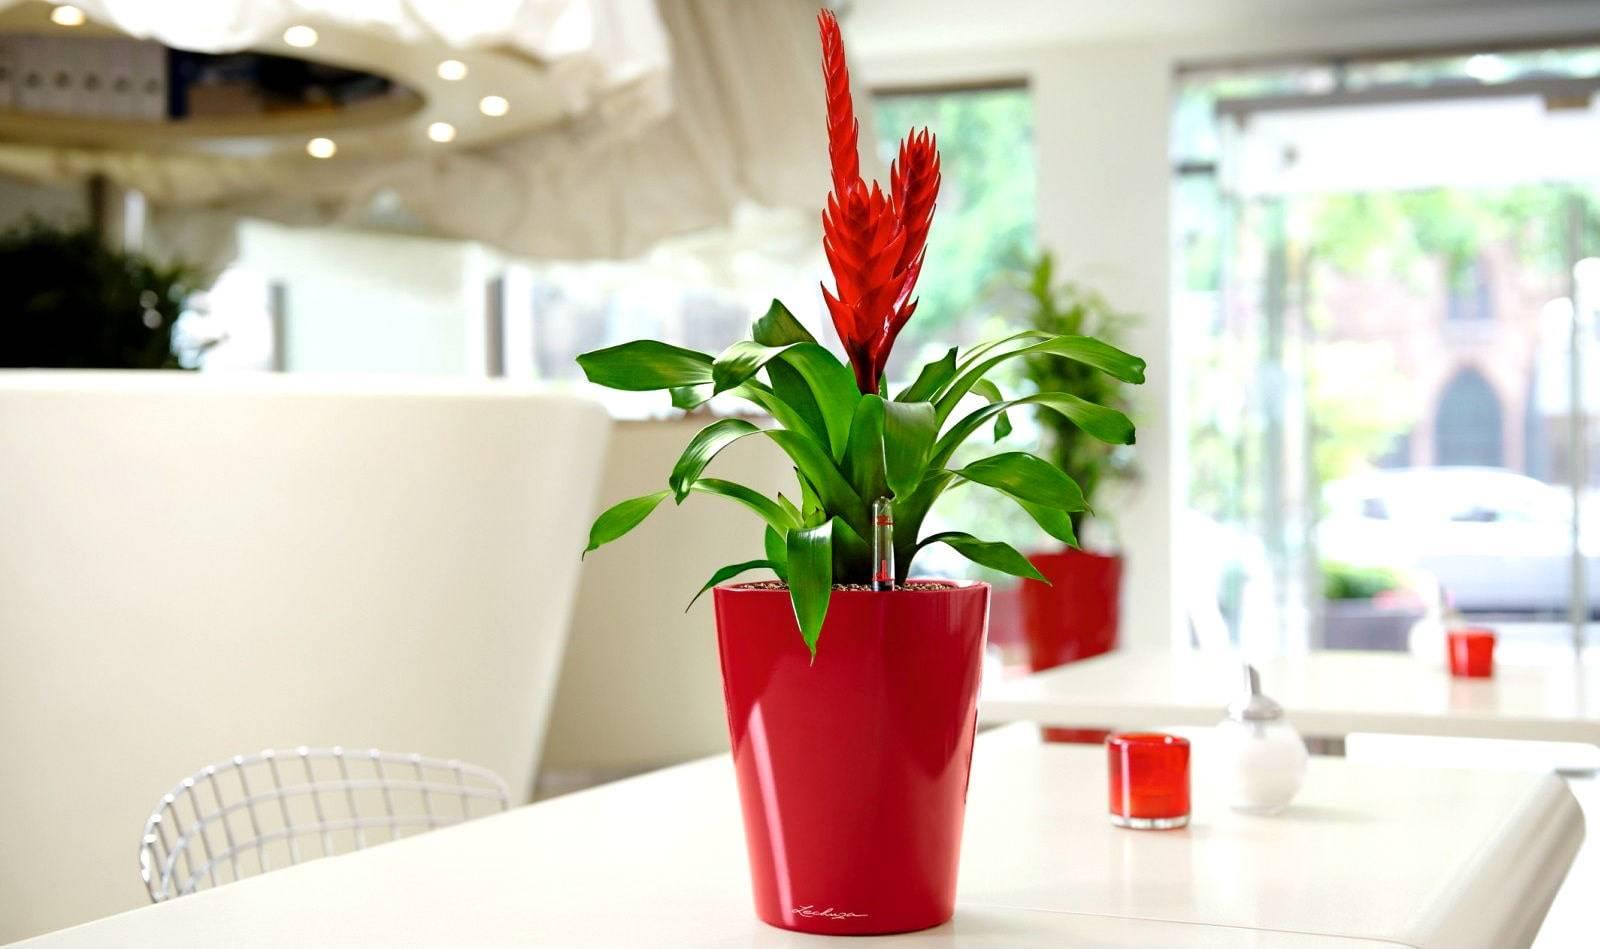 Какие цветы нельзя держать дома и почему? самые опасные цветы!